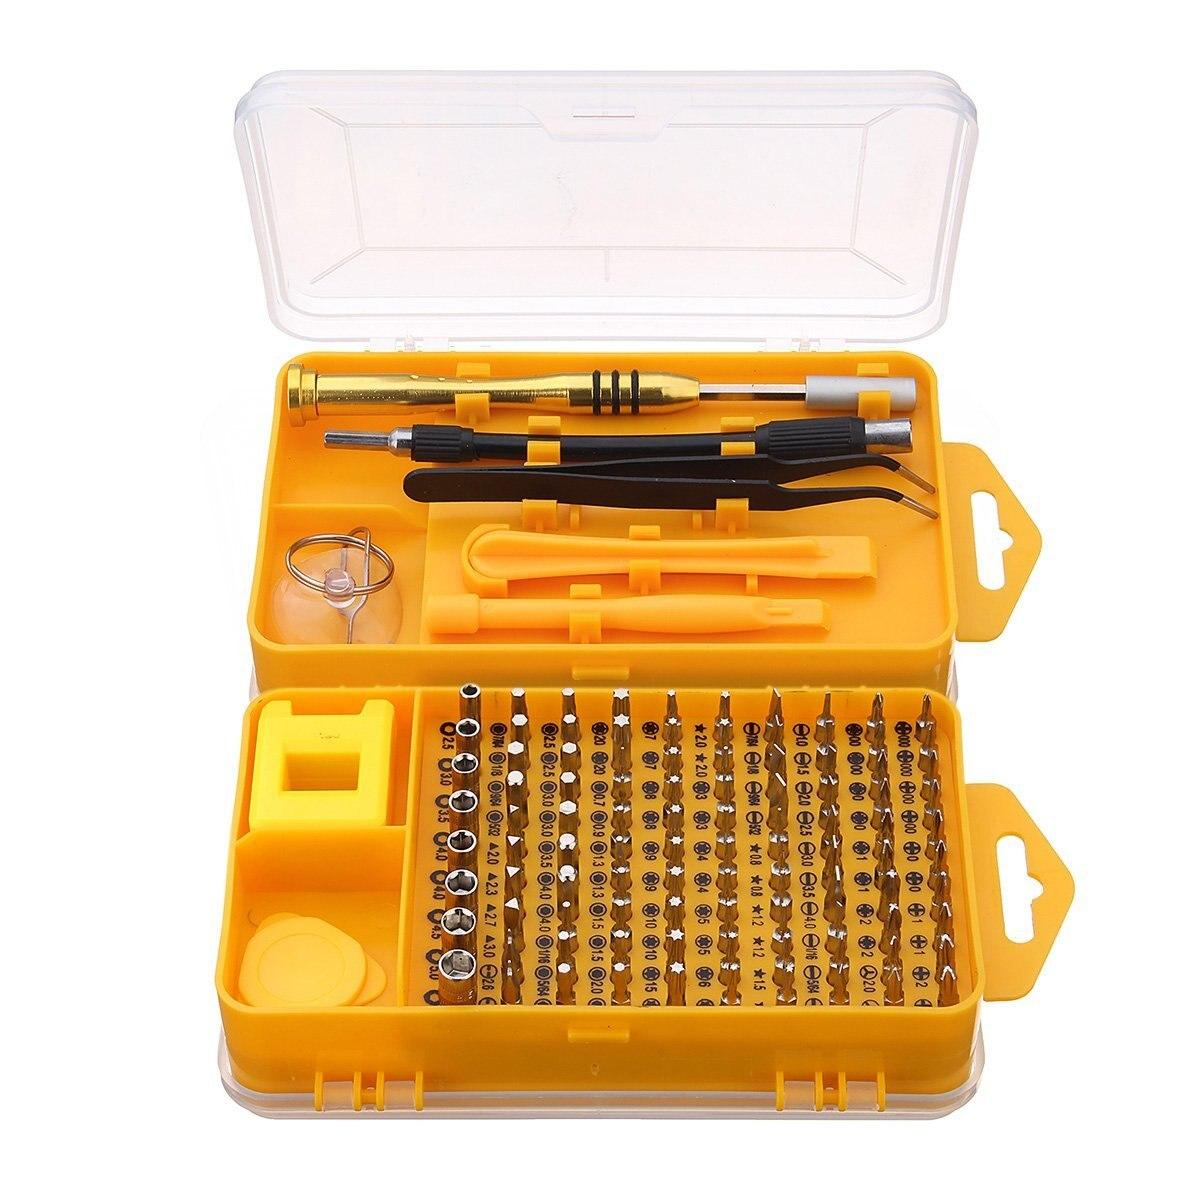 цена на 108 In 1 Screwdriver Sets Multi-function Computer Repair Tools Essential Tool DIY Digital Mobile Phone Repair Bit Set